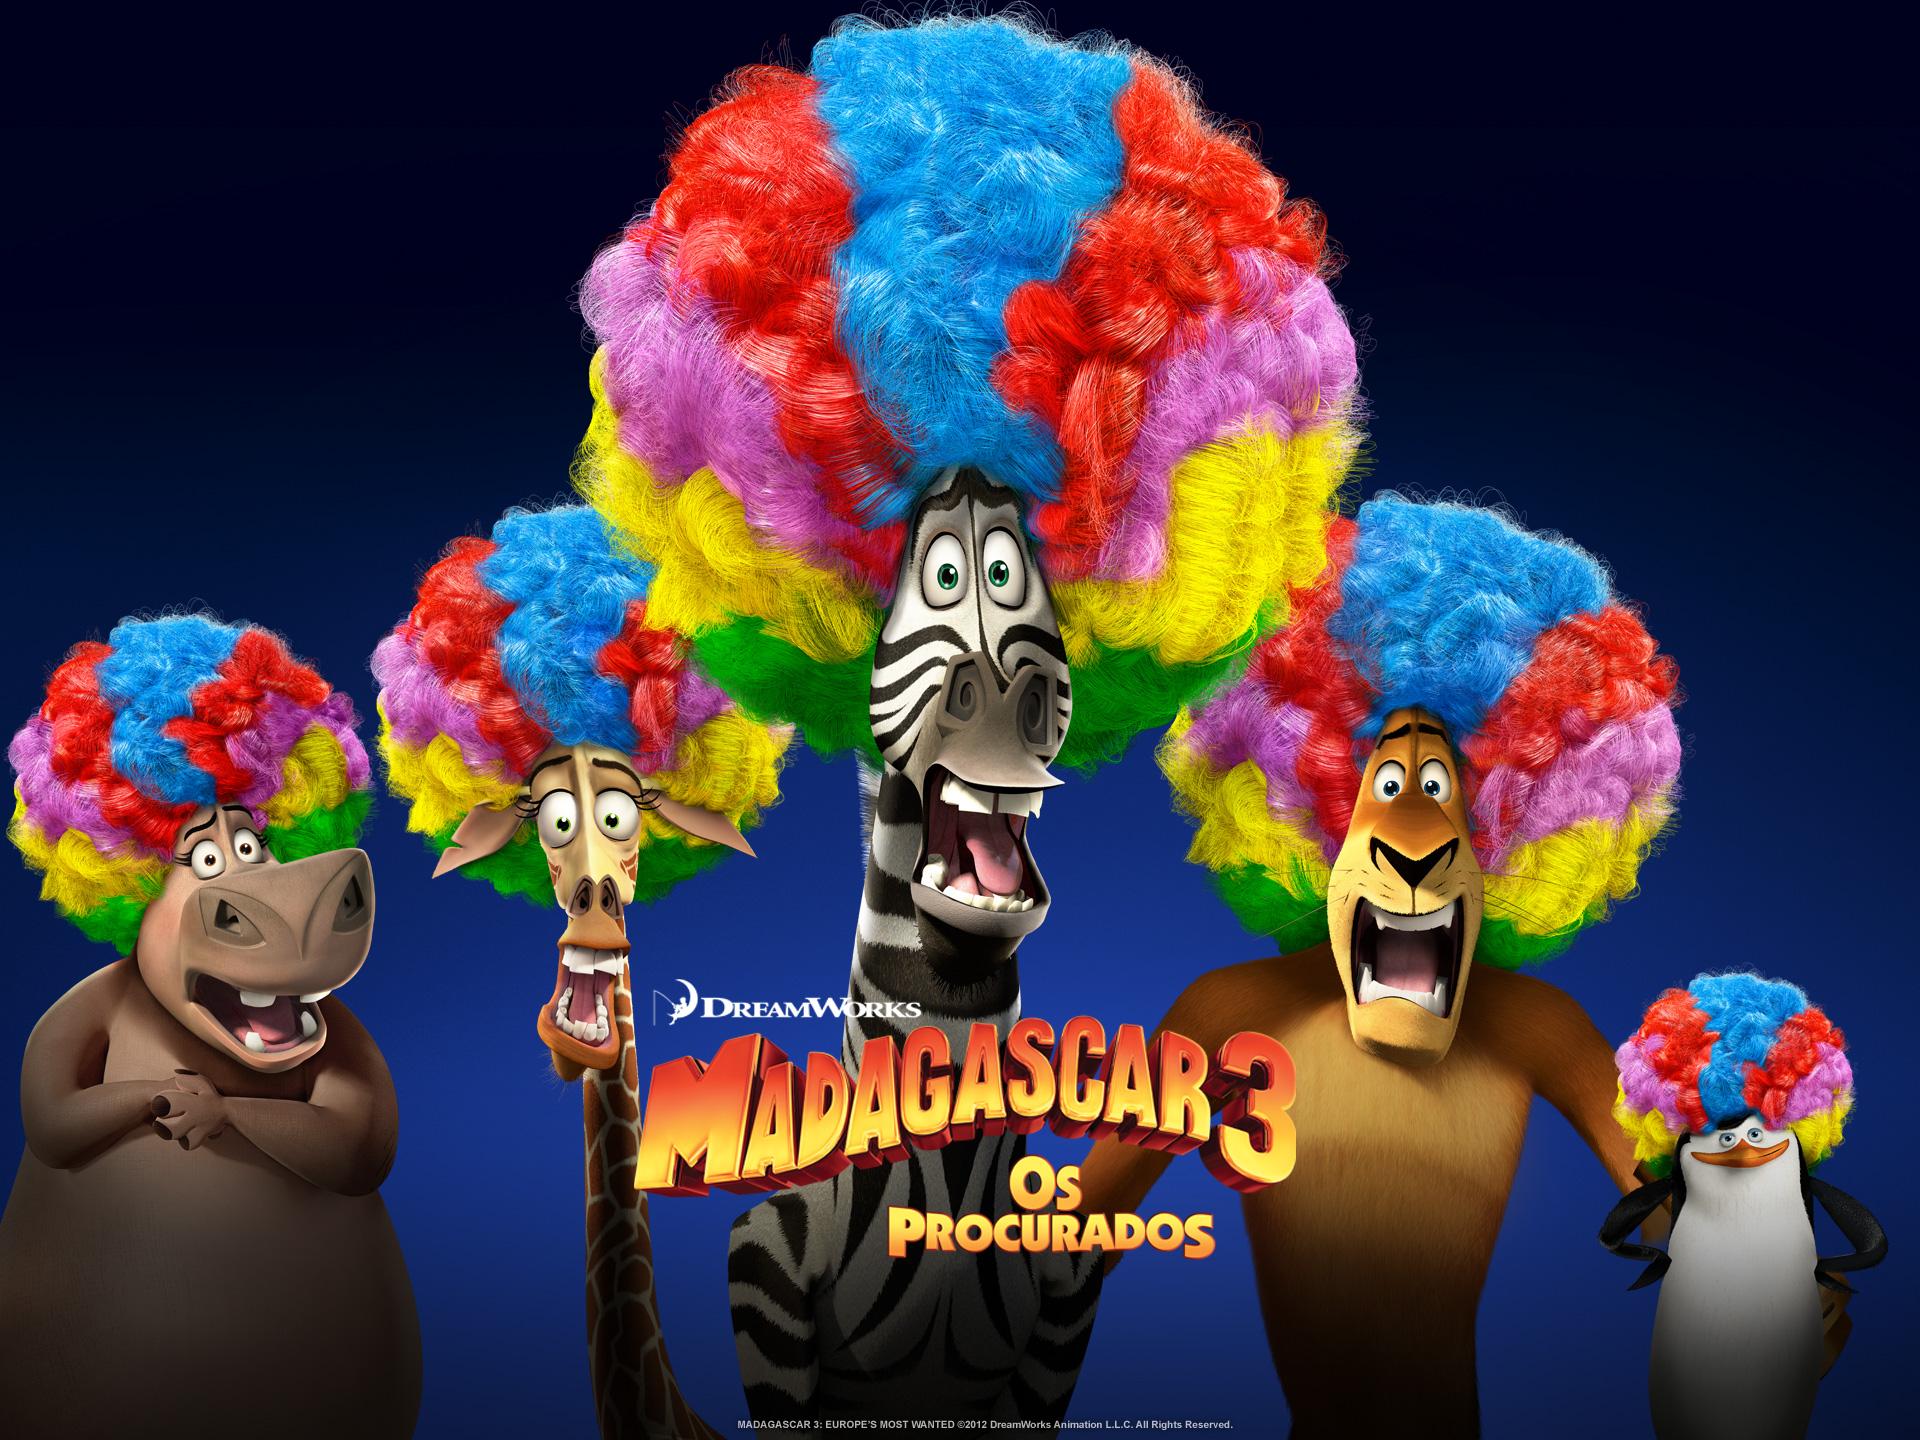 """Wallpapers de """"Madagascar 3: Os Procurados"""" 02"""